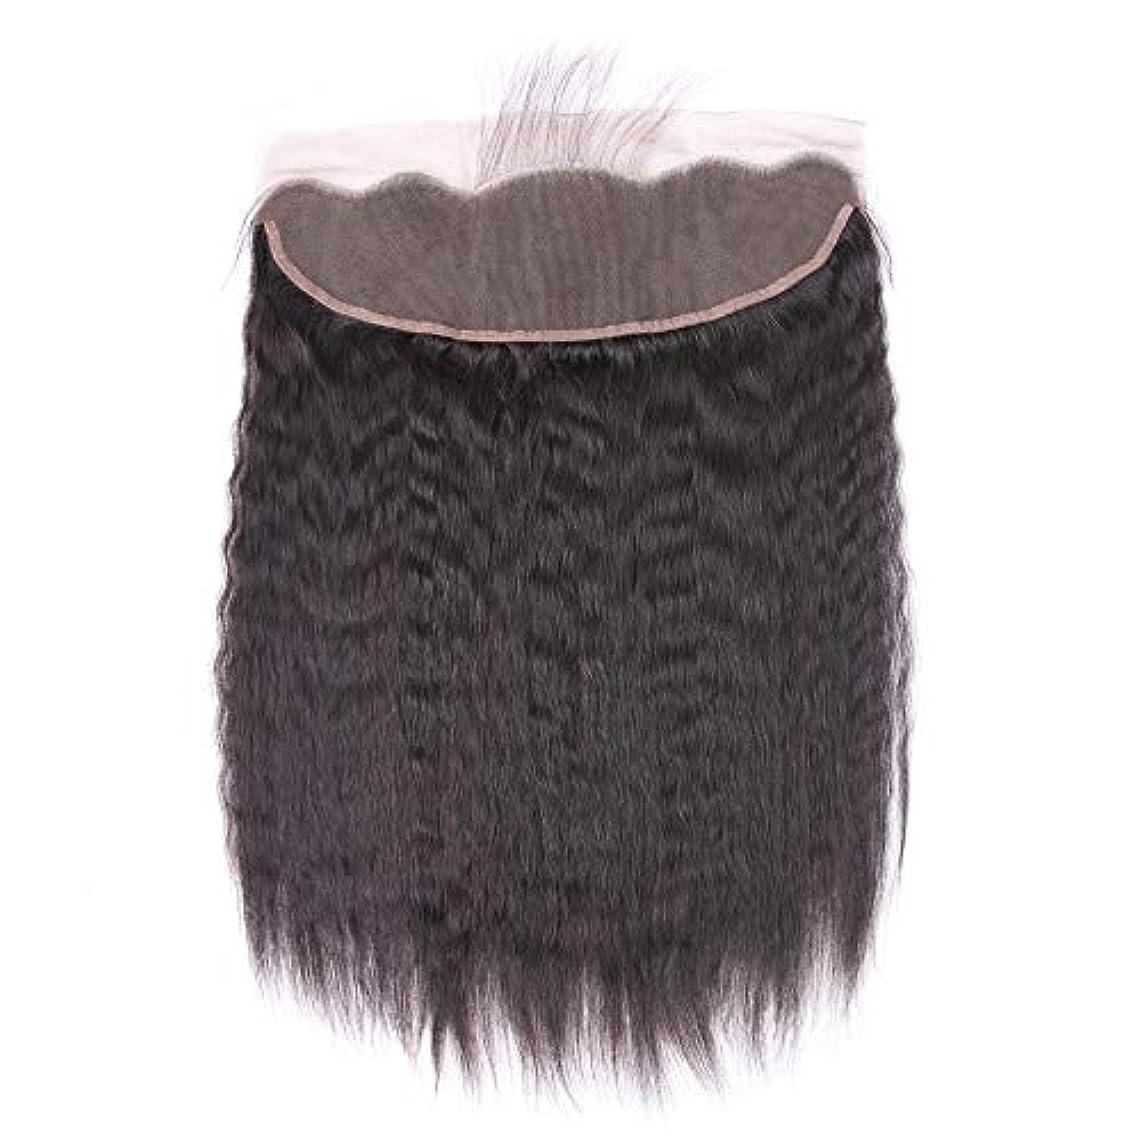 項目礼儀ナプキンWASAIO 短いストレートヘアブラジル13 * 4トップレース前頭閉鎖焼きそばストレートバージン人間の髪の毛の自然な色 (色 : 黒, サイズ : 12 inch)